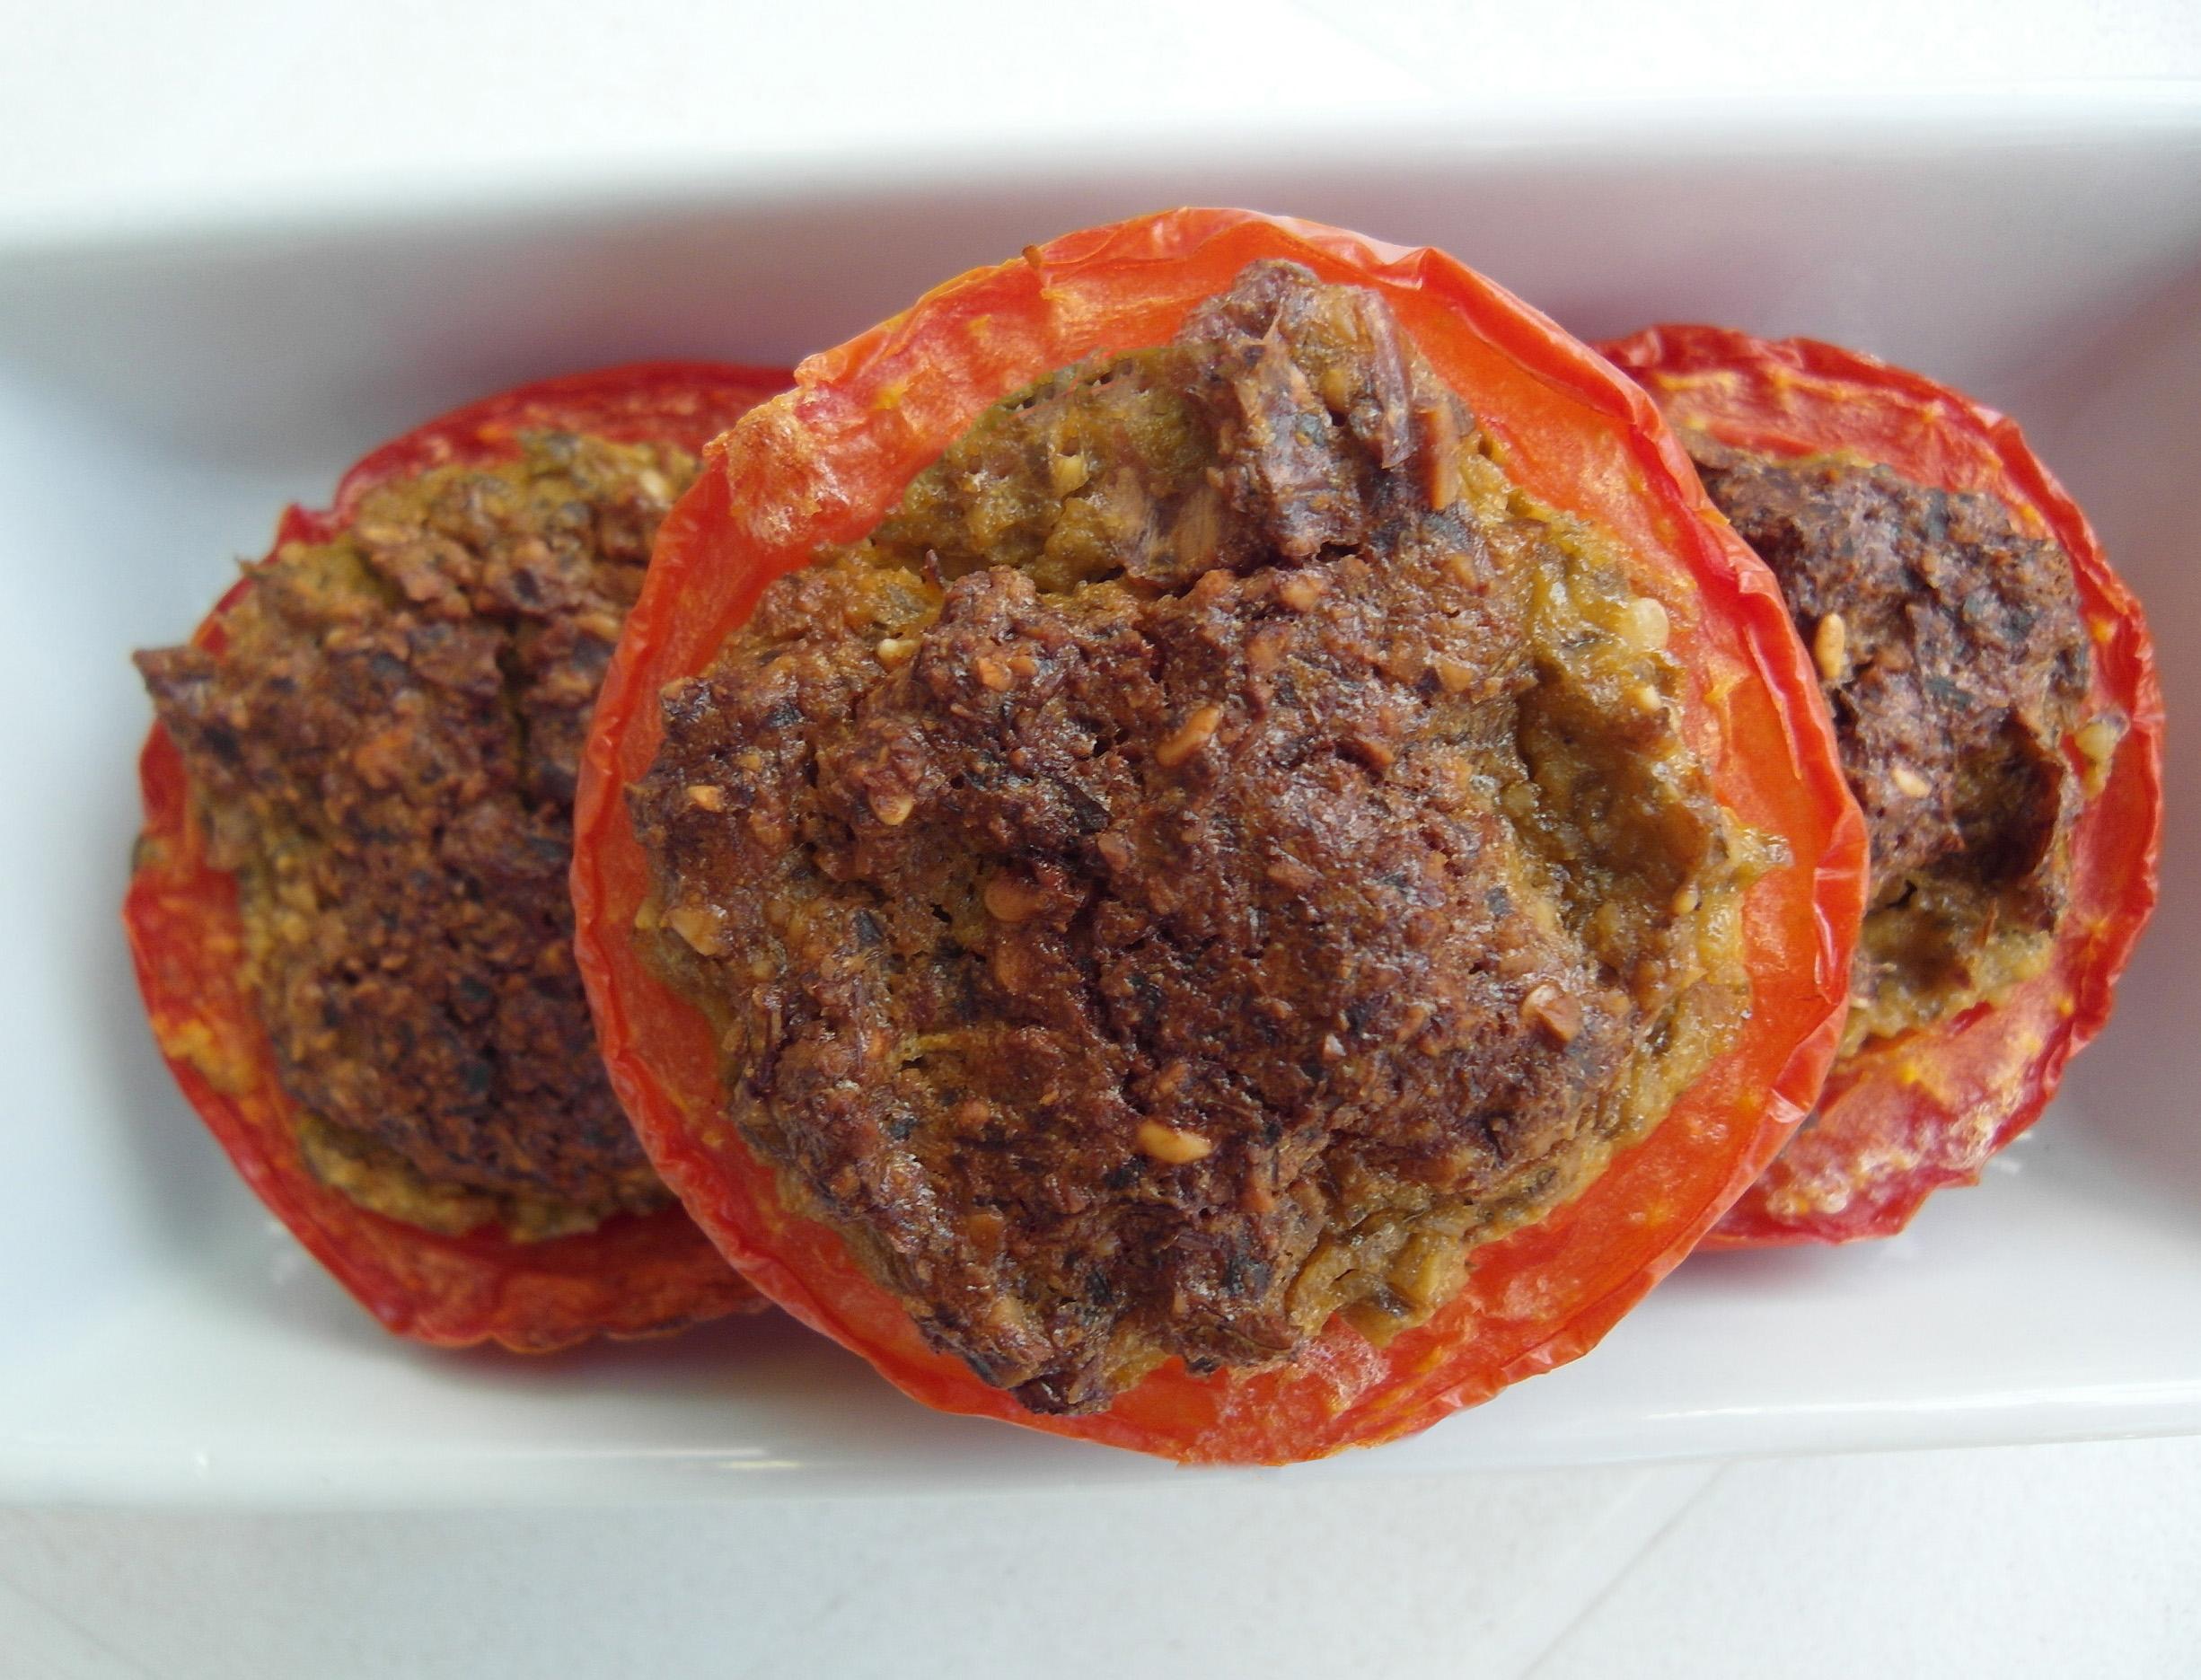 פטריות ועגבניות ממולאות - מתכונים טבעוניים לחג השבועות - השוחטת הטבעונית יעלי שוחט